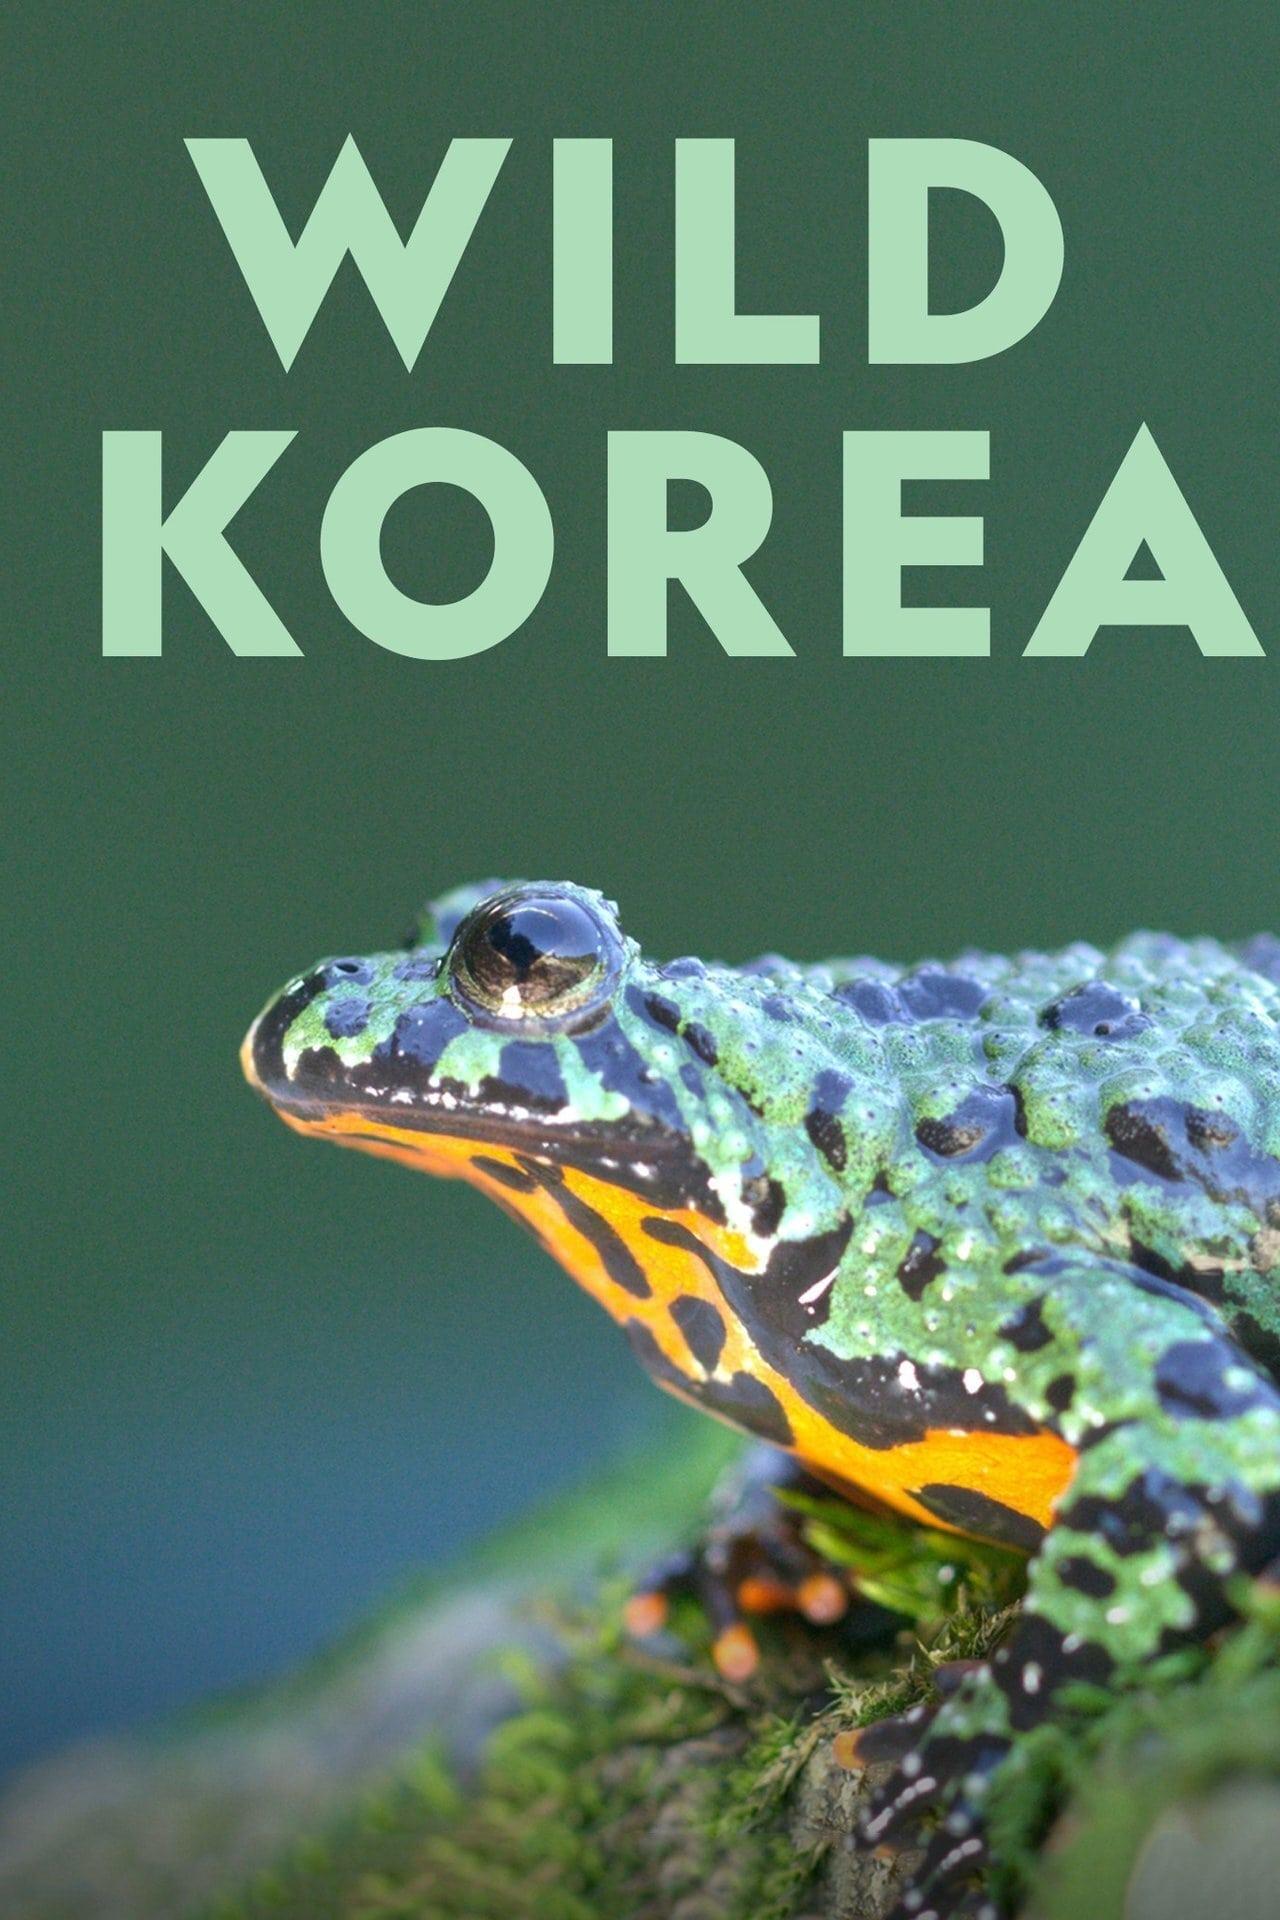 Wild Korea TV Shows About Wildlife